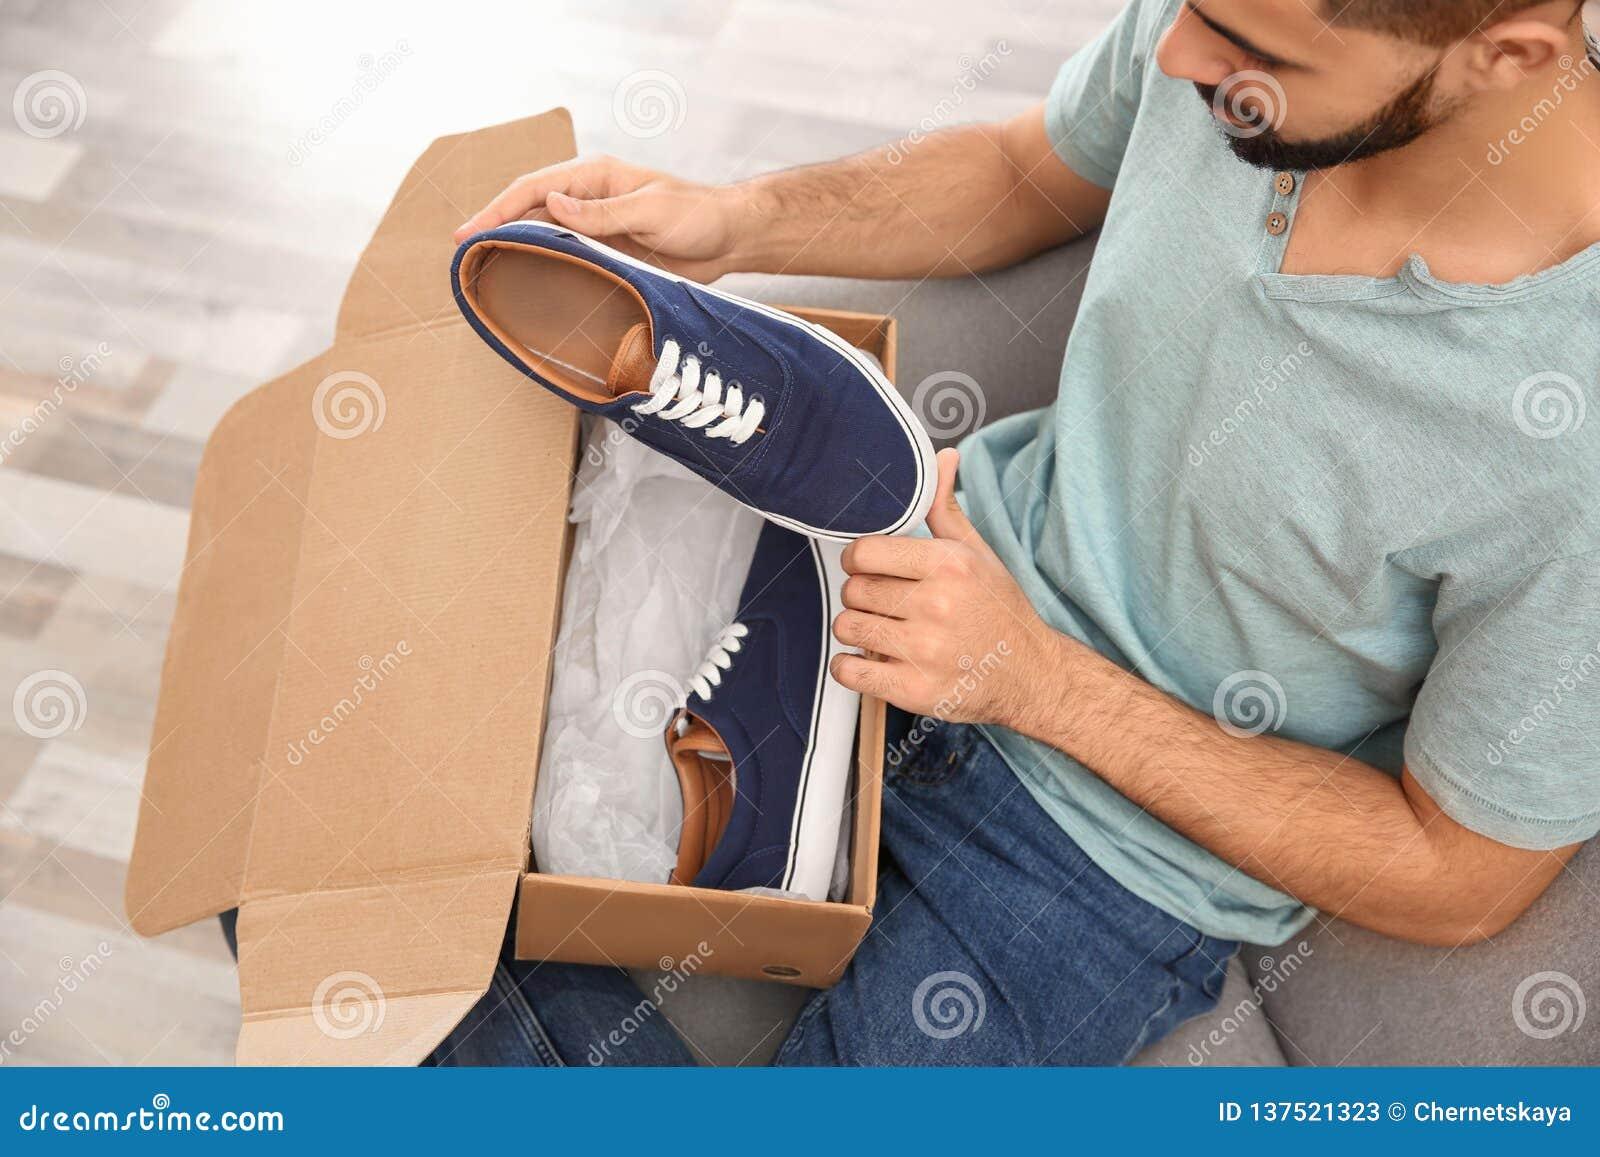 Jonge mens het openen pakket met schoenen thuis